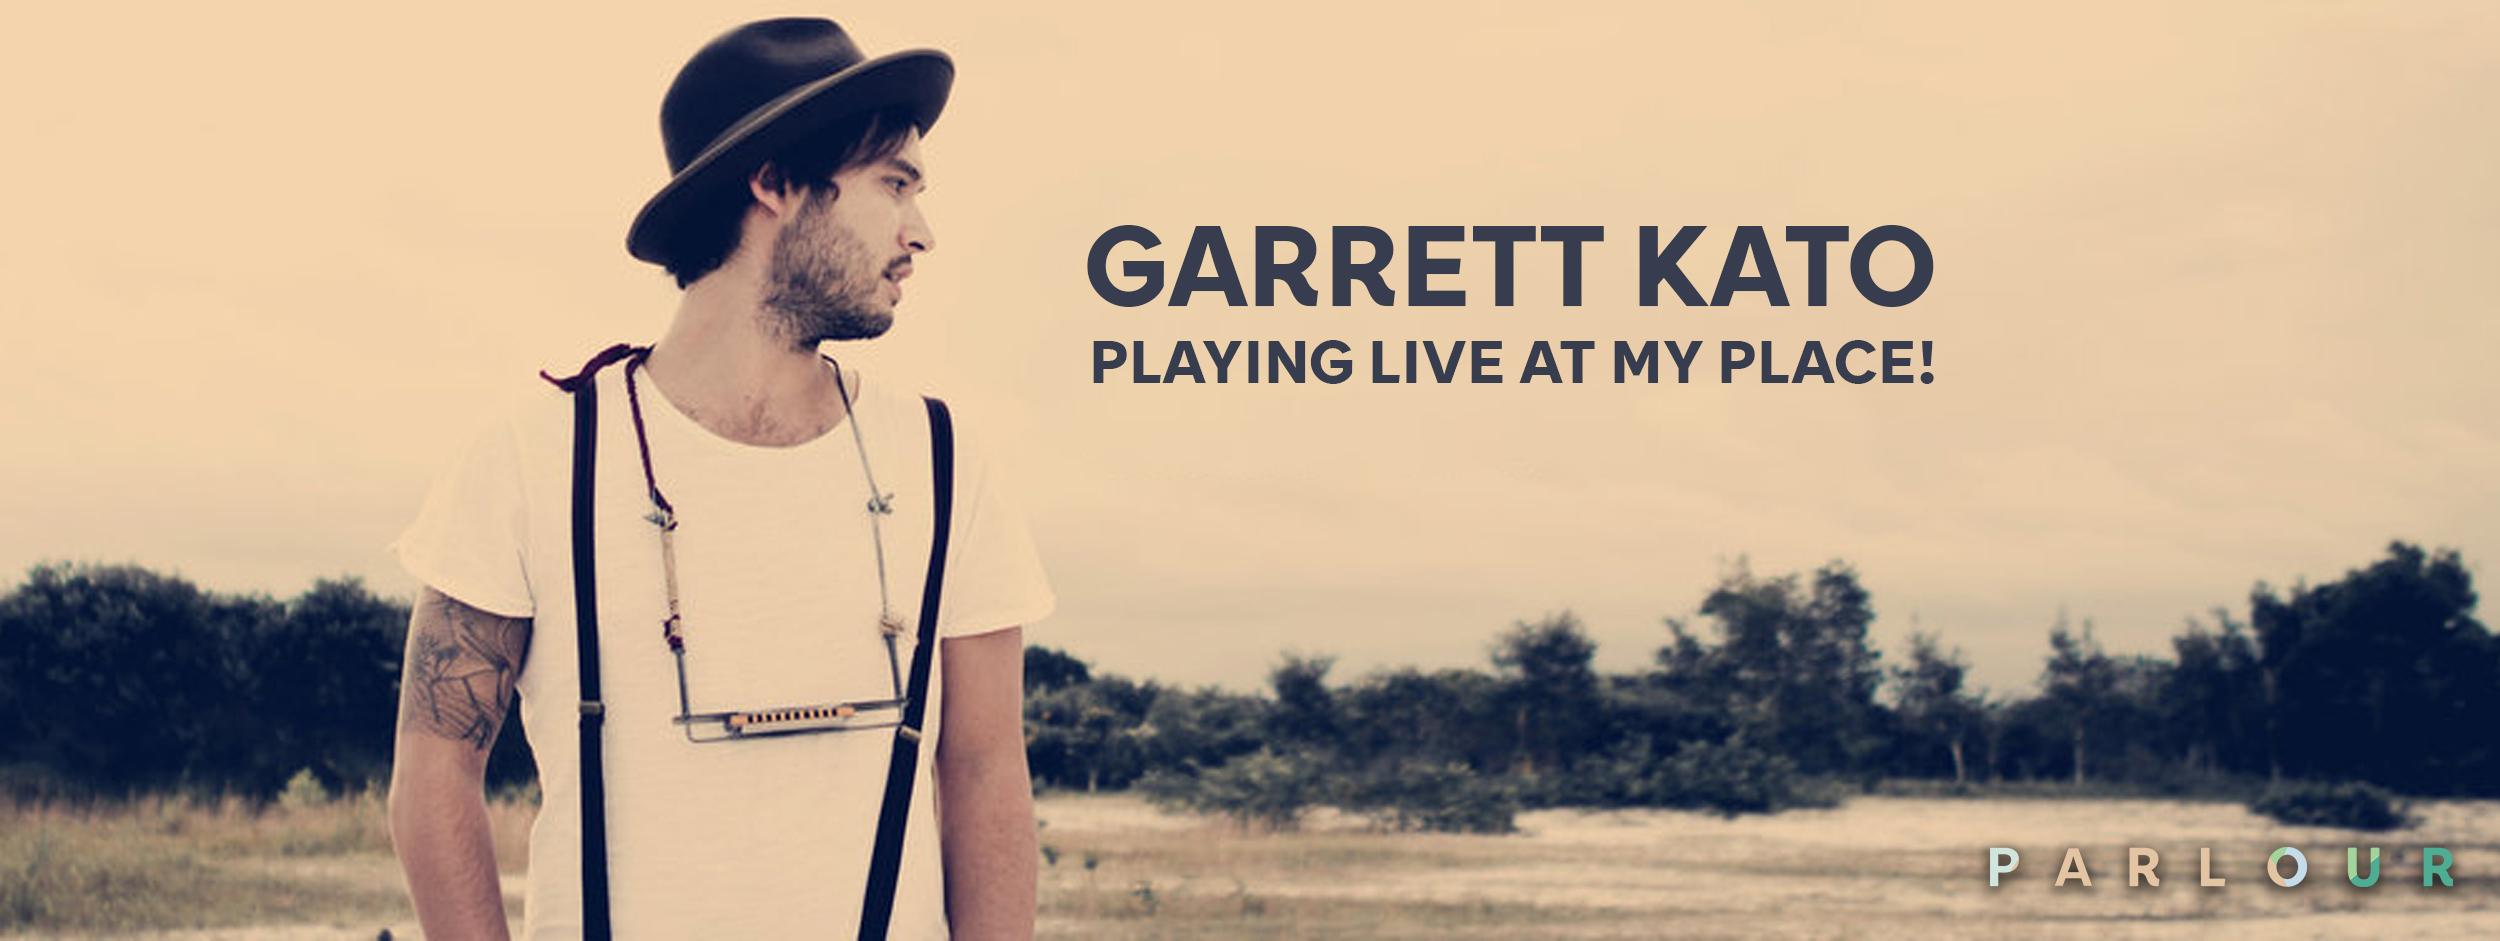 Garrett Kato Banner.jpg